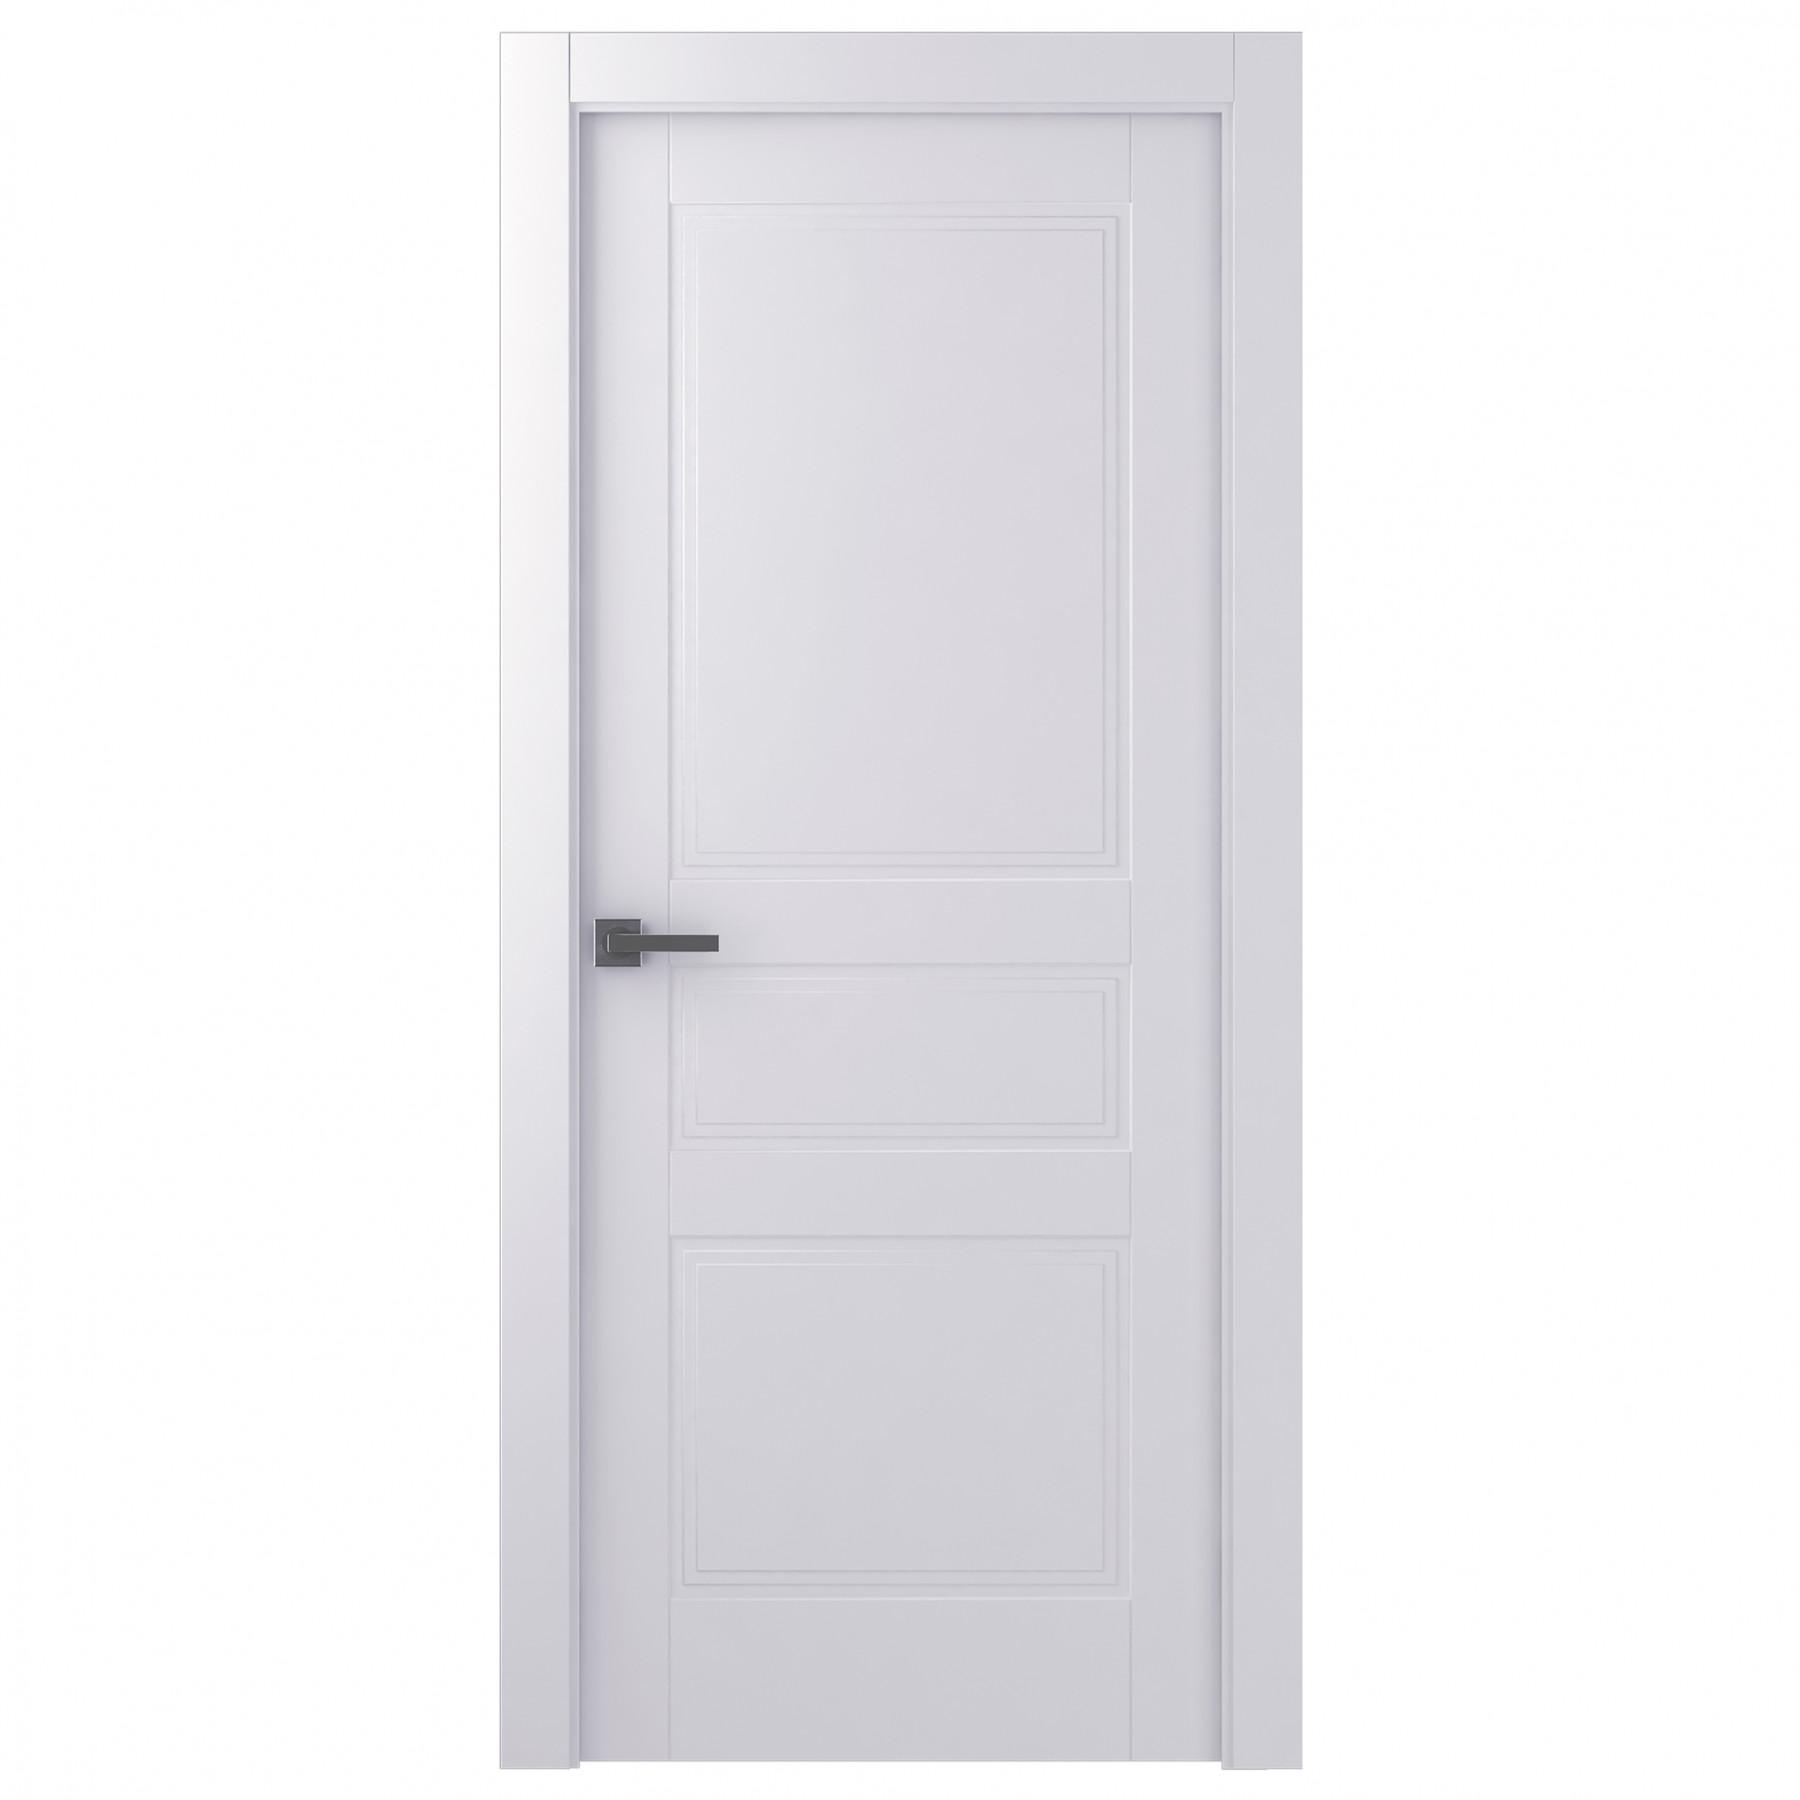 Дверь межкомнатная глухая Belwooddoors Инари 700 х 2000 мм, белая фото